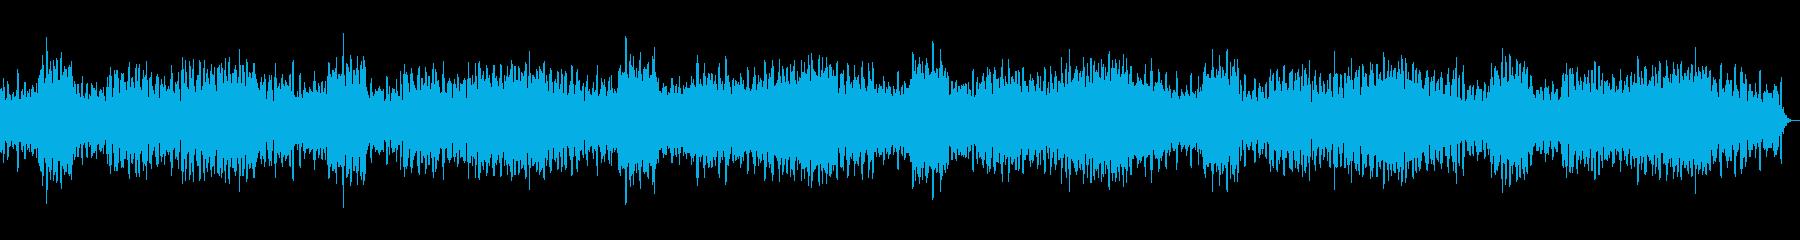 ヒーリング・睡眠用の落ち着くアンビエントの再生済みの波形